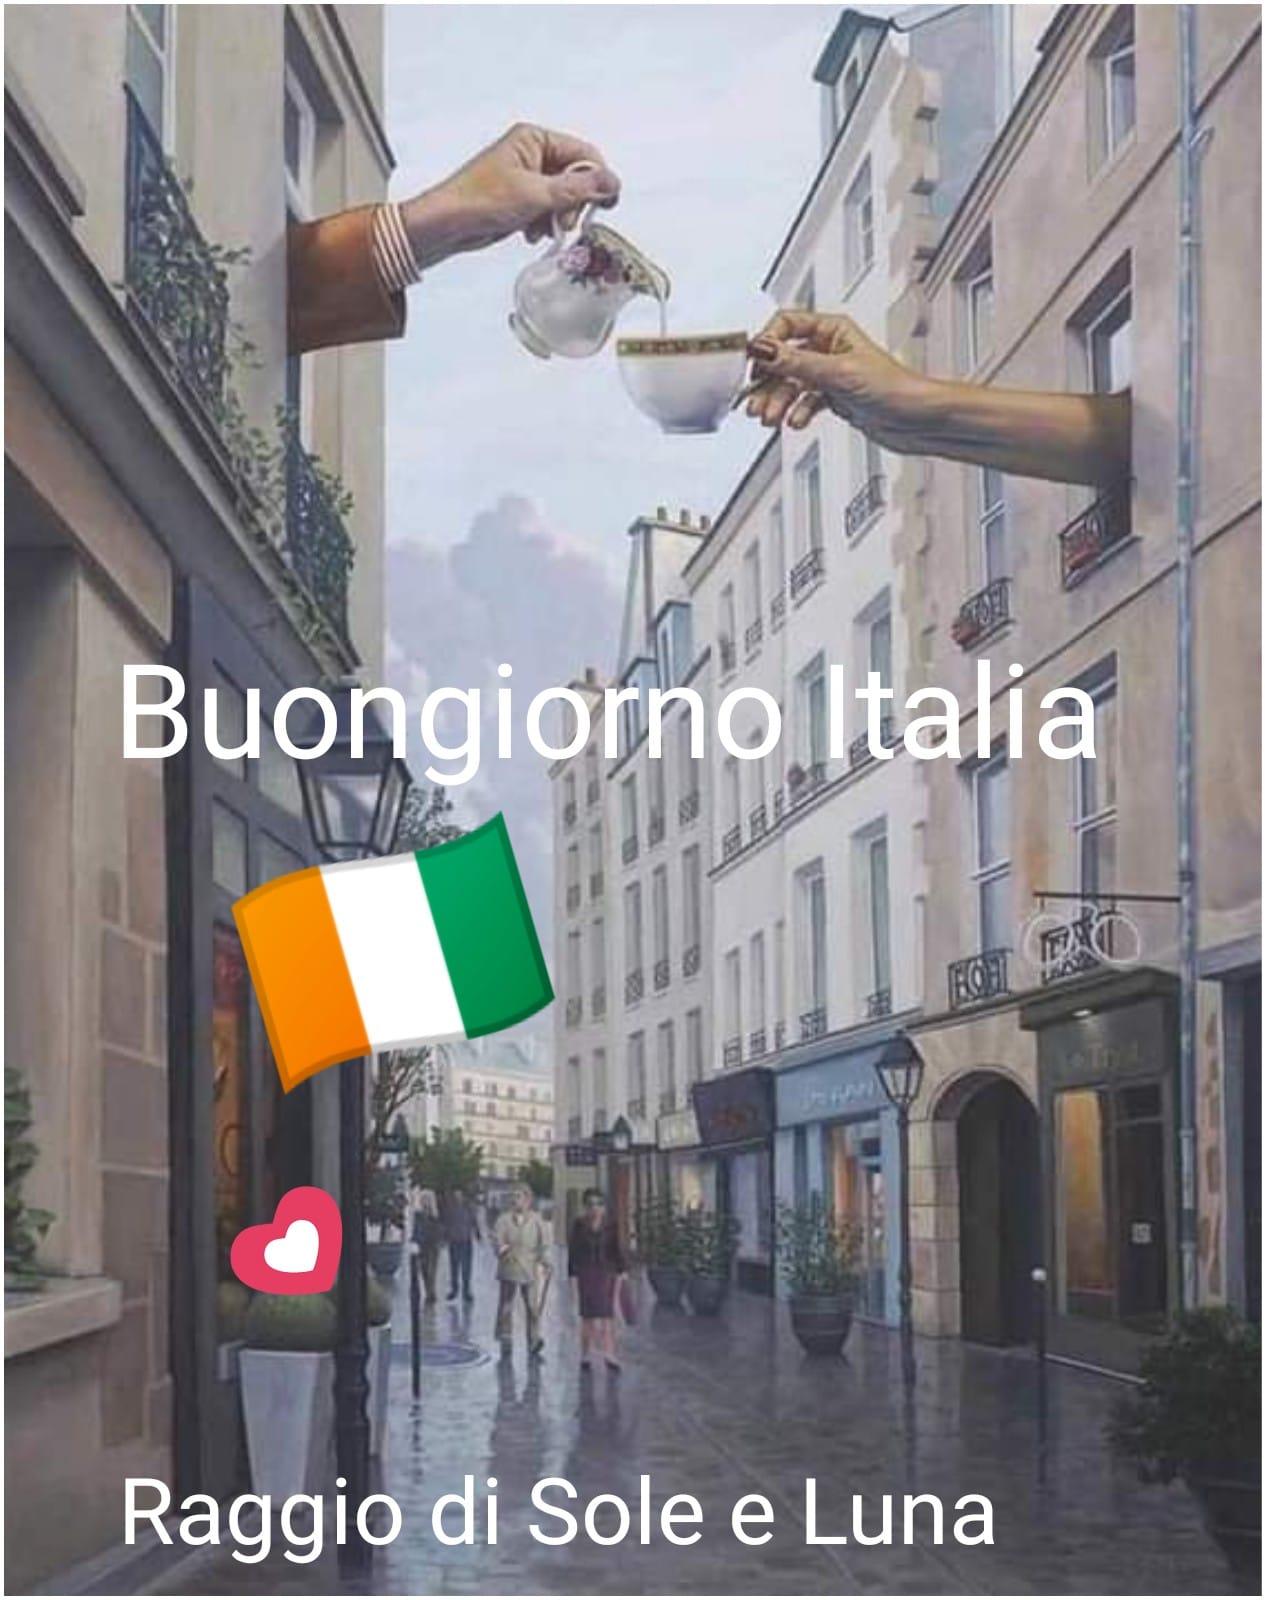 Buongiorno con la bandiera italiana